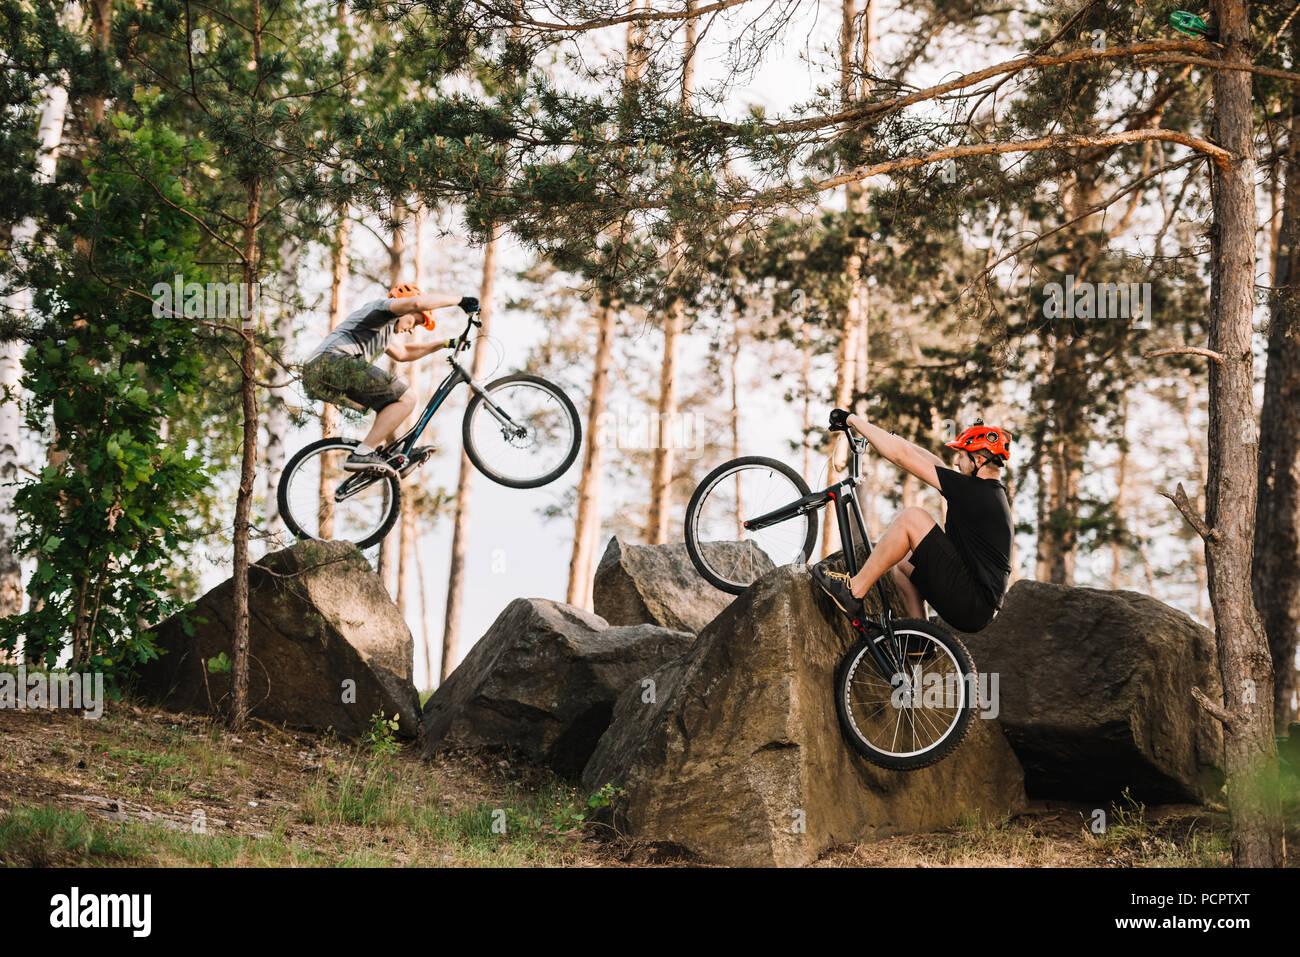 Procès de la scène active bikers cascades sur les roches à l'extérieur Photo Stock